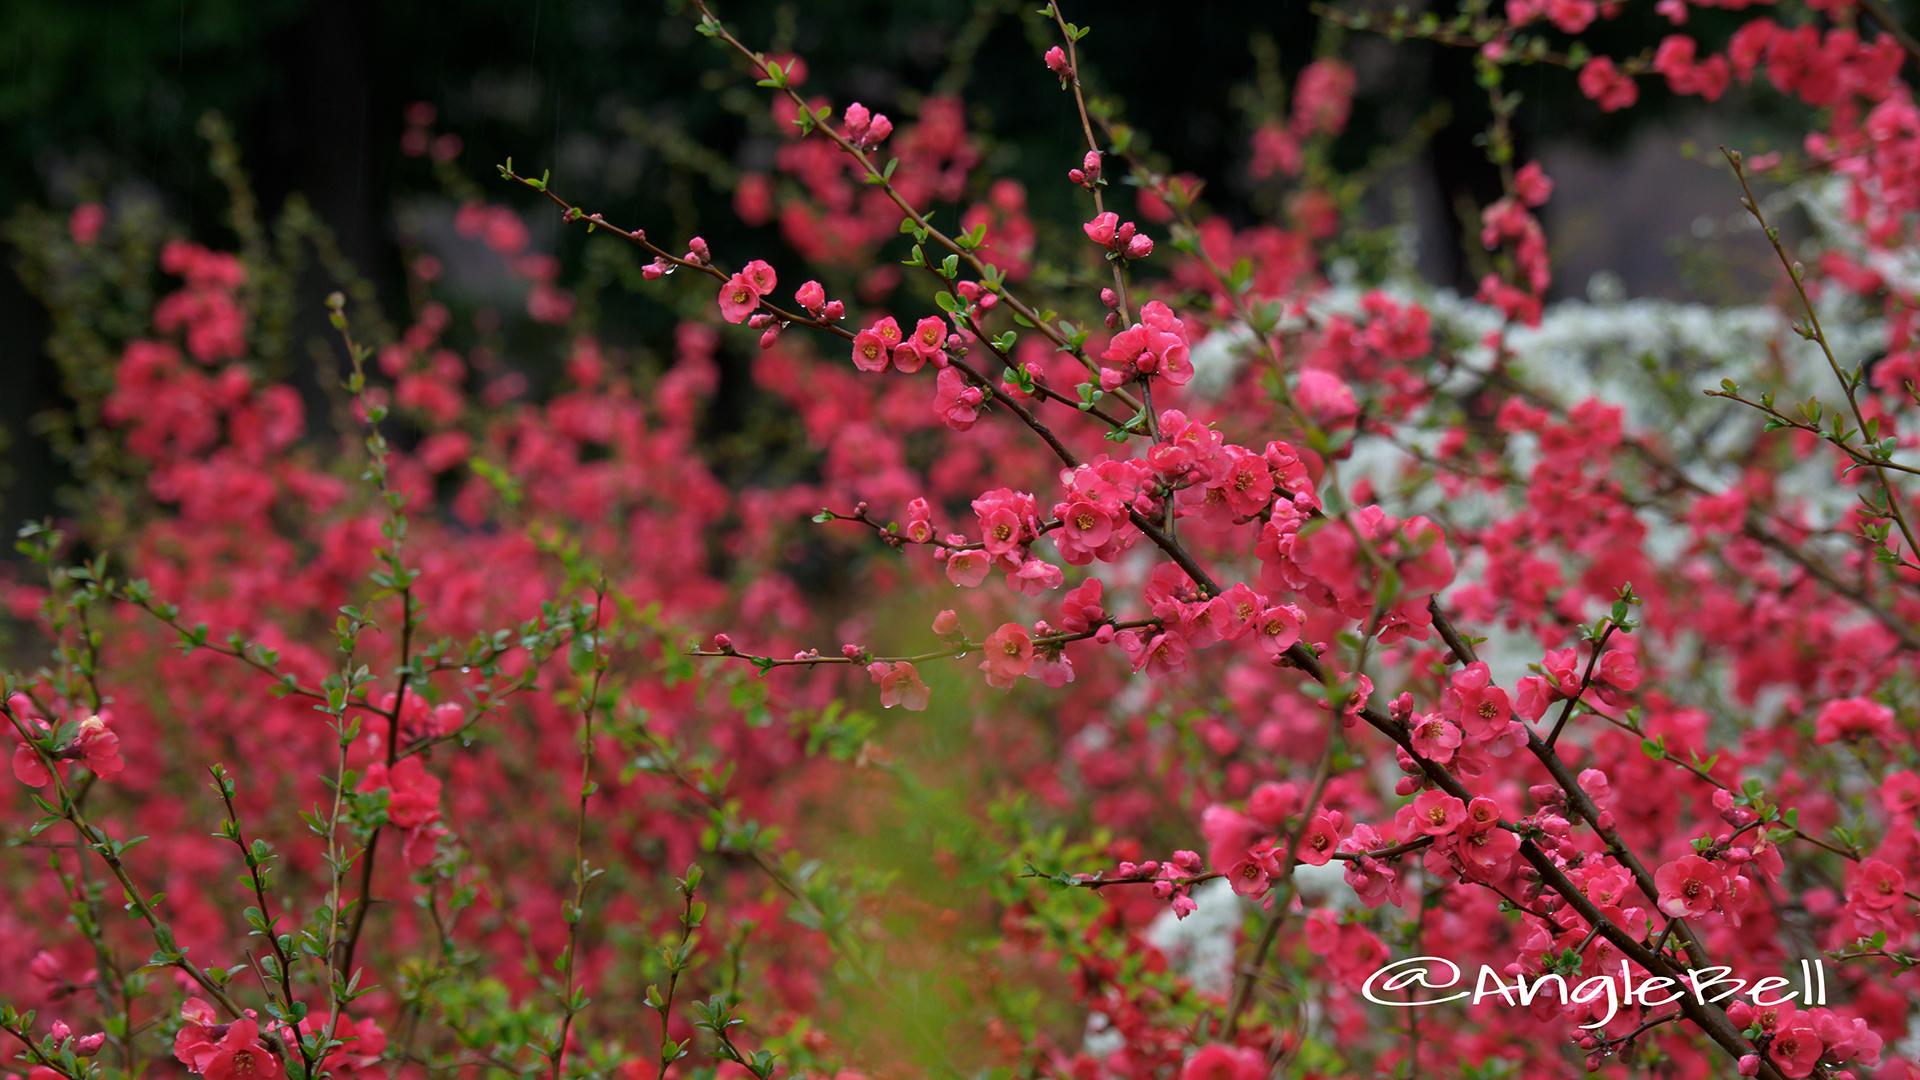 ボケ 木瓜 Flower Photo4